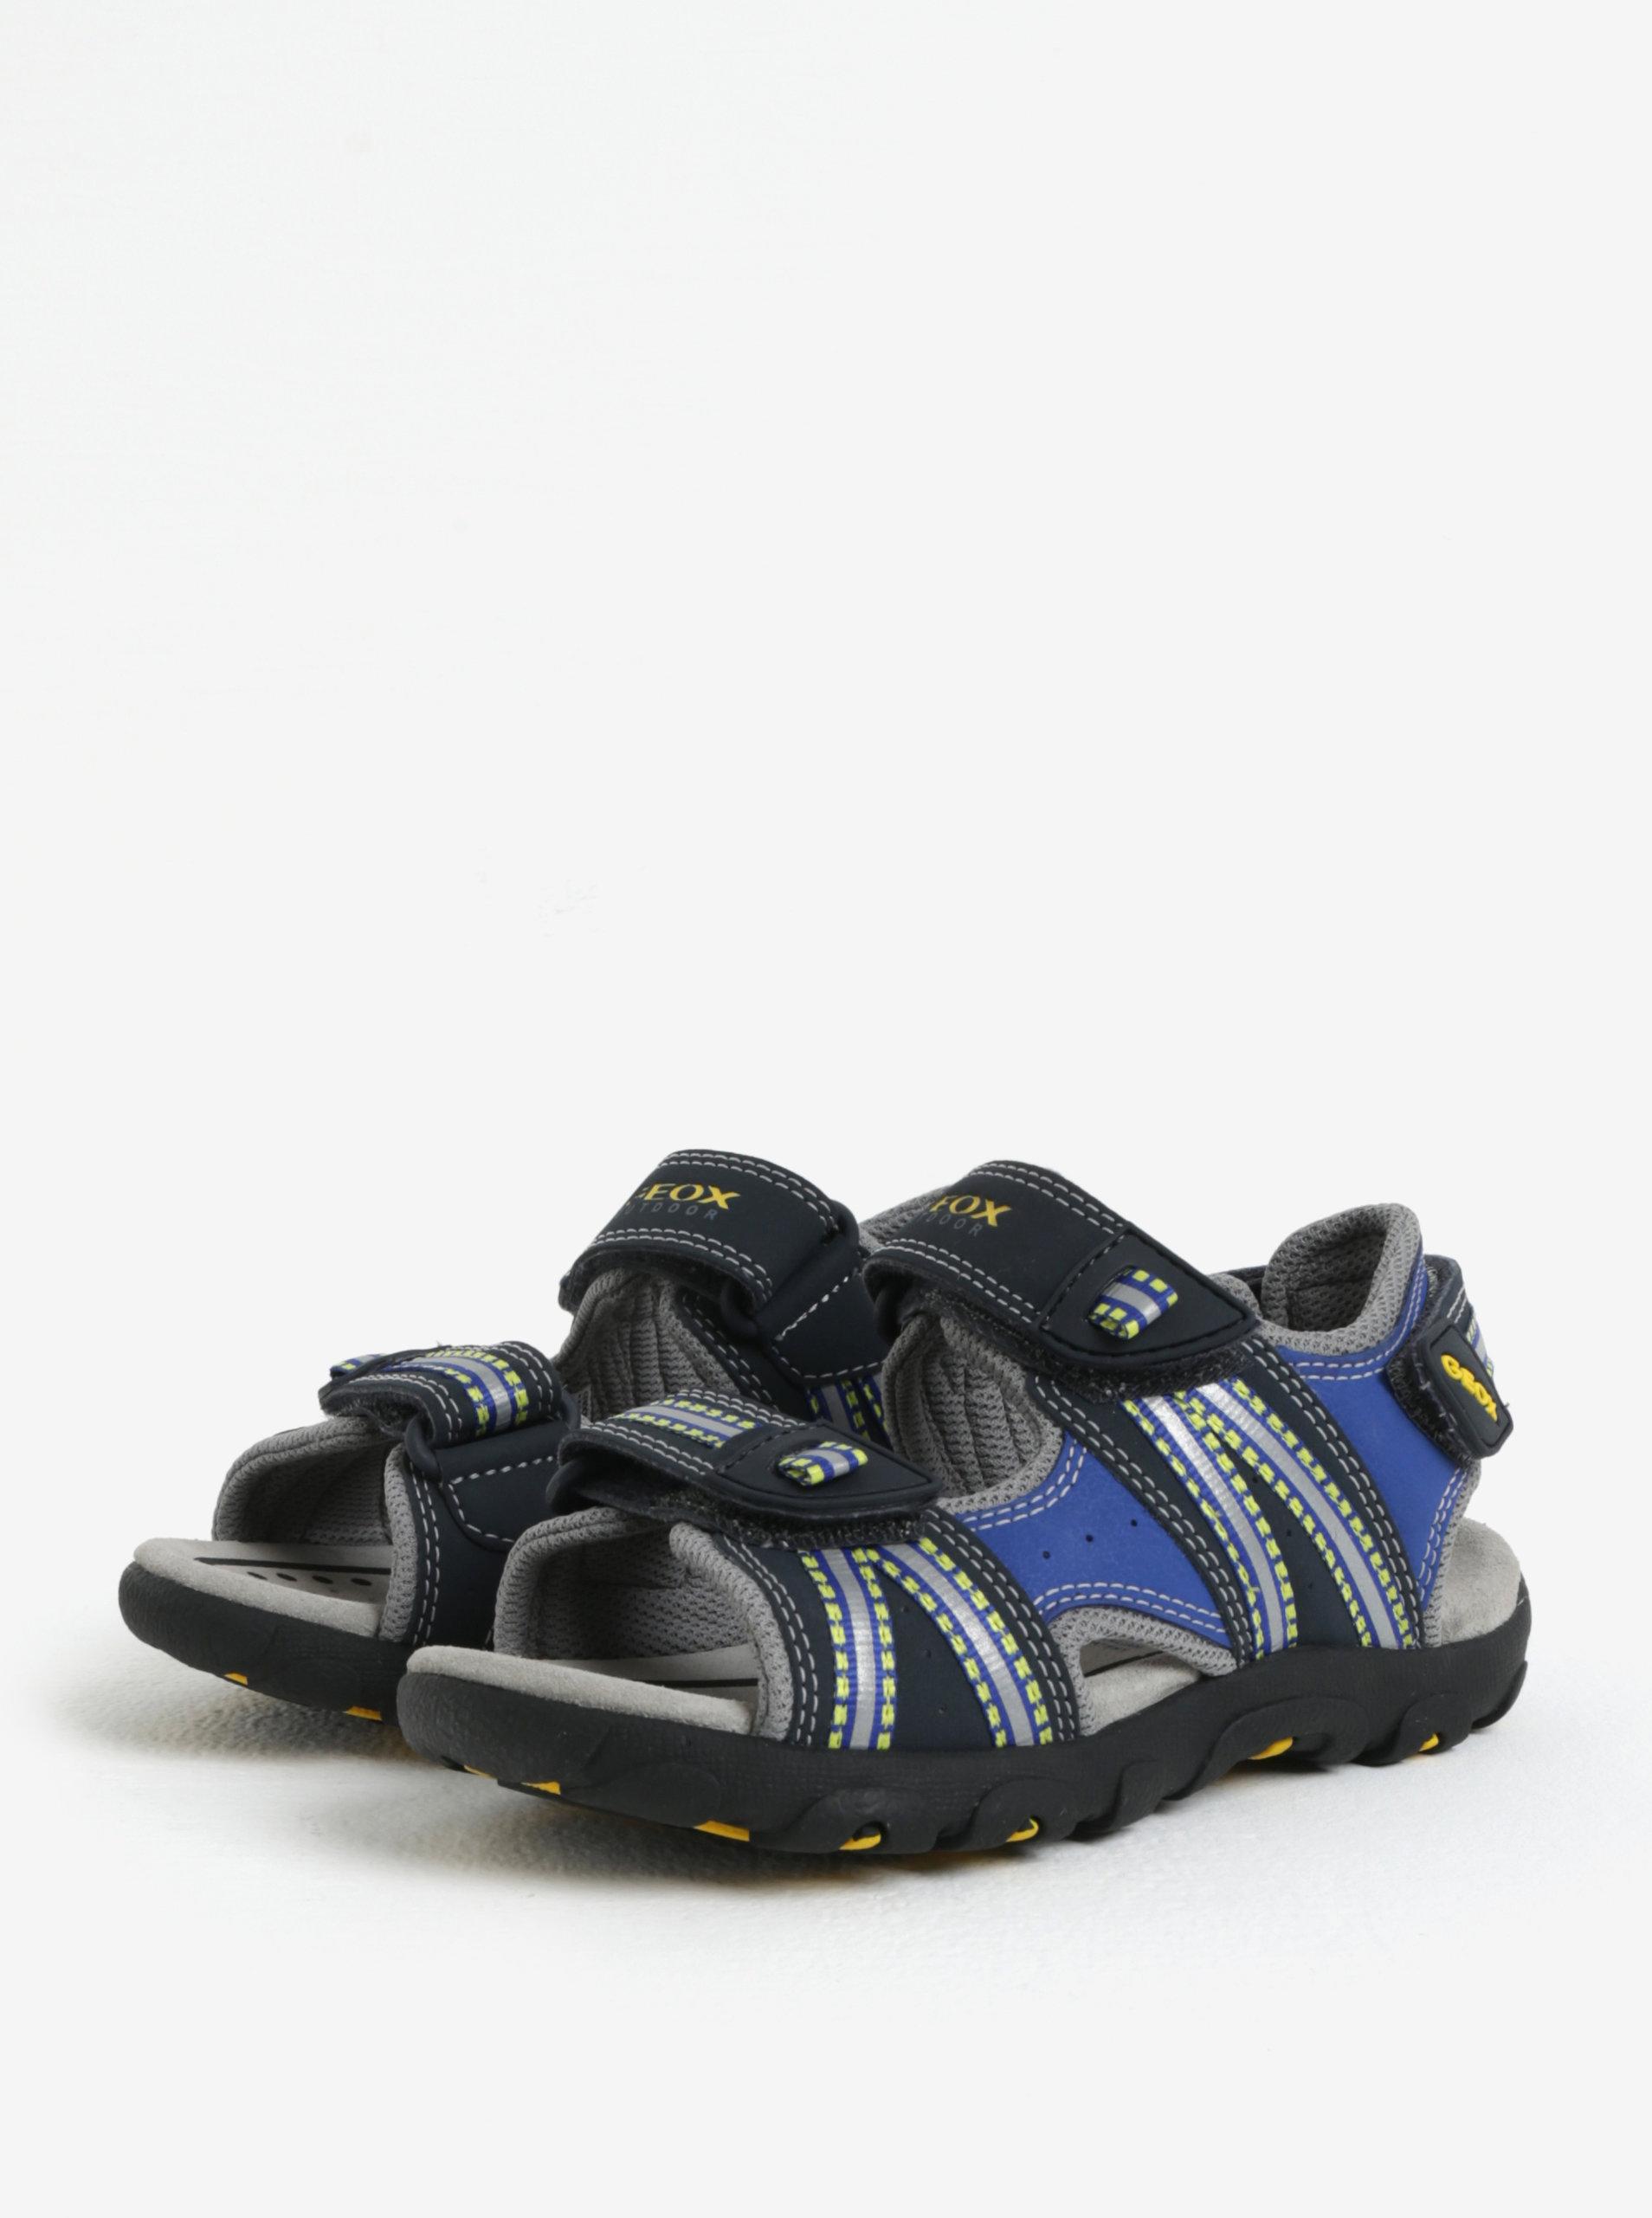 9d6cbf4b468 Modro-černé klučičí sandály Geox Strada - Akční cena